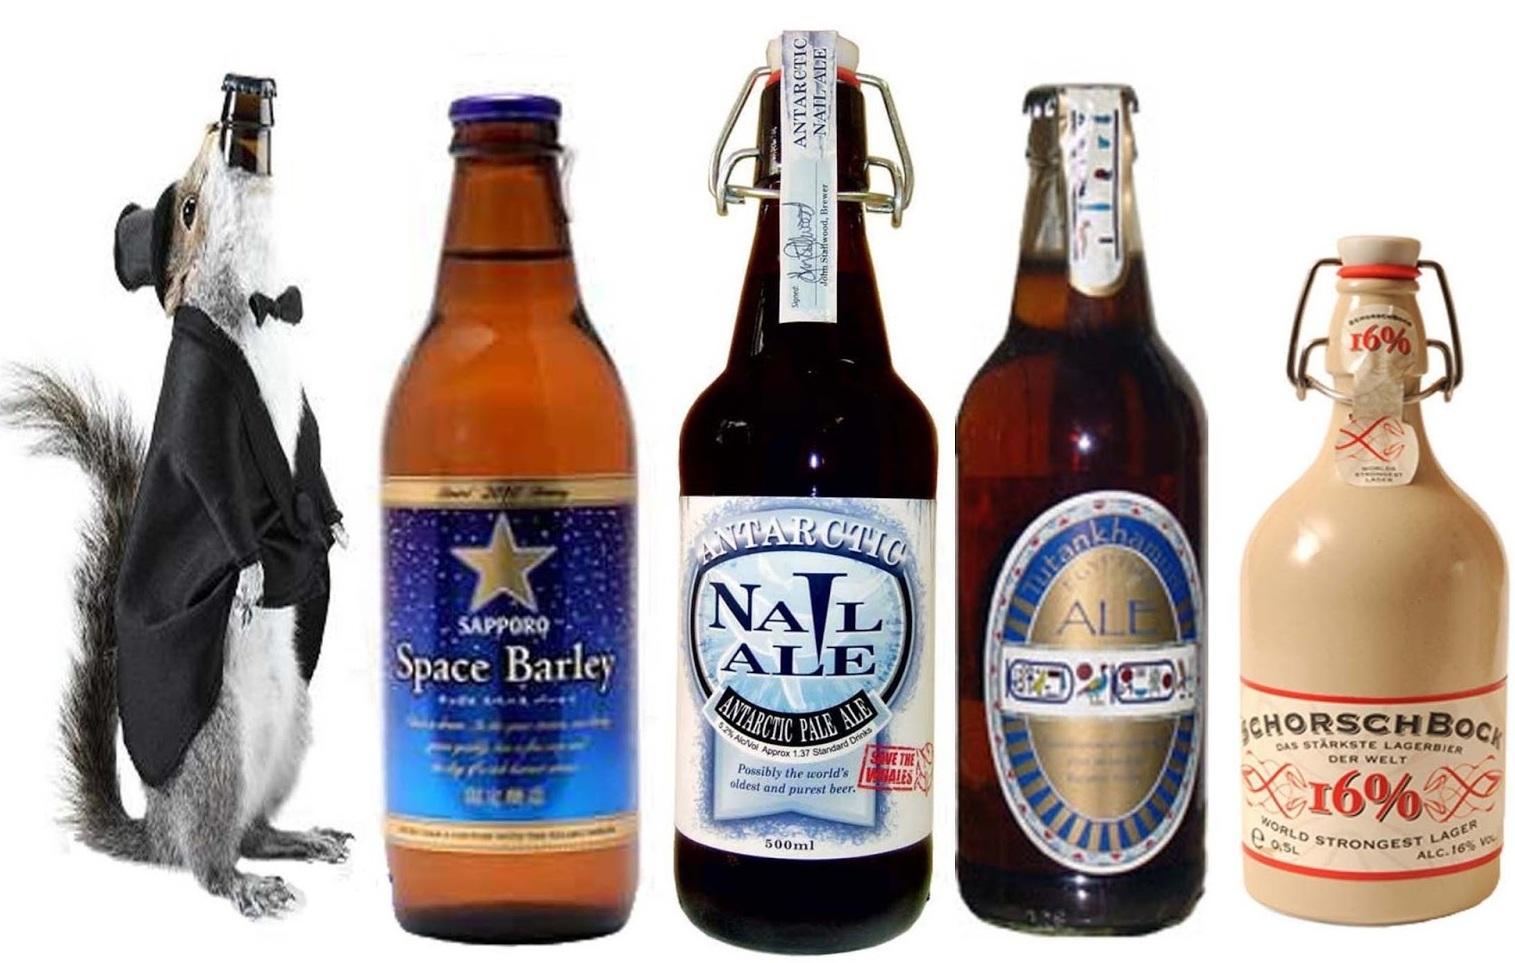 Las cervezas más caras del mundo